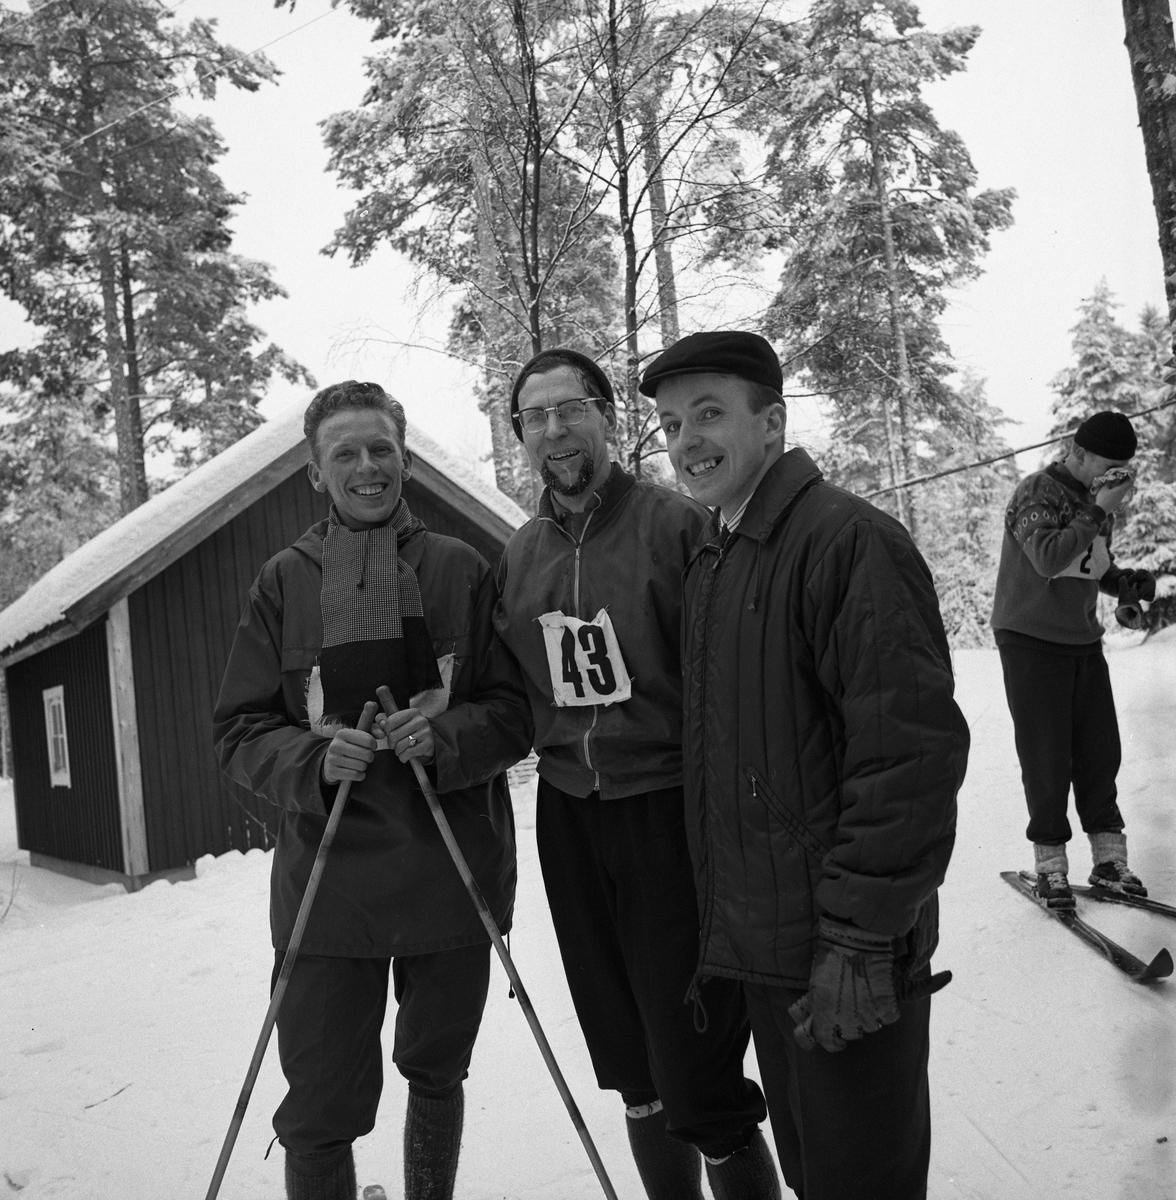 Arboga Tekniska Skola har idrottsdag med längdskidåkning. Tre män, varar två har nummerlapp på bröstet. En håller i stavar.